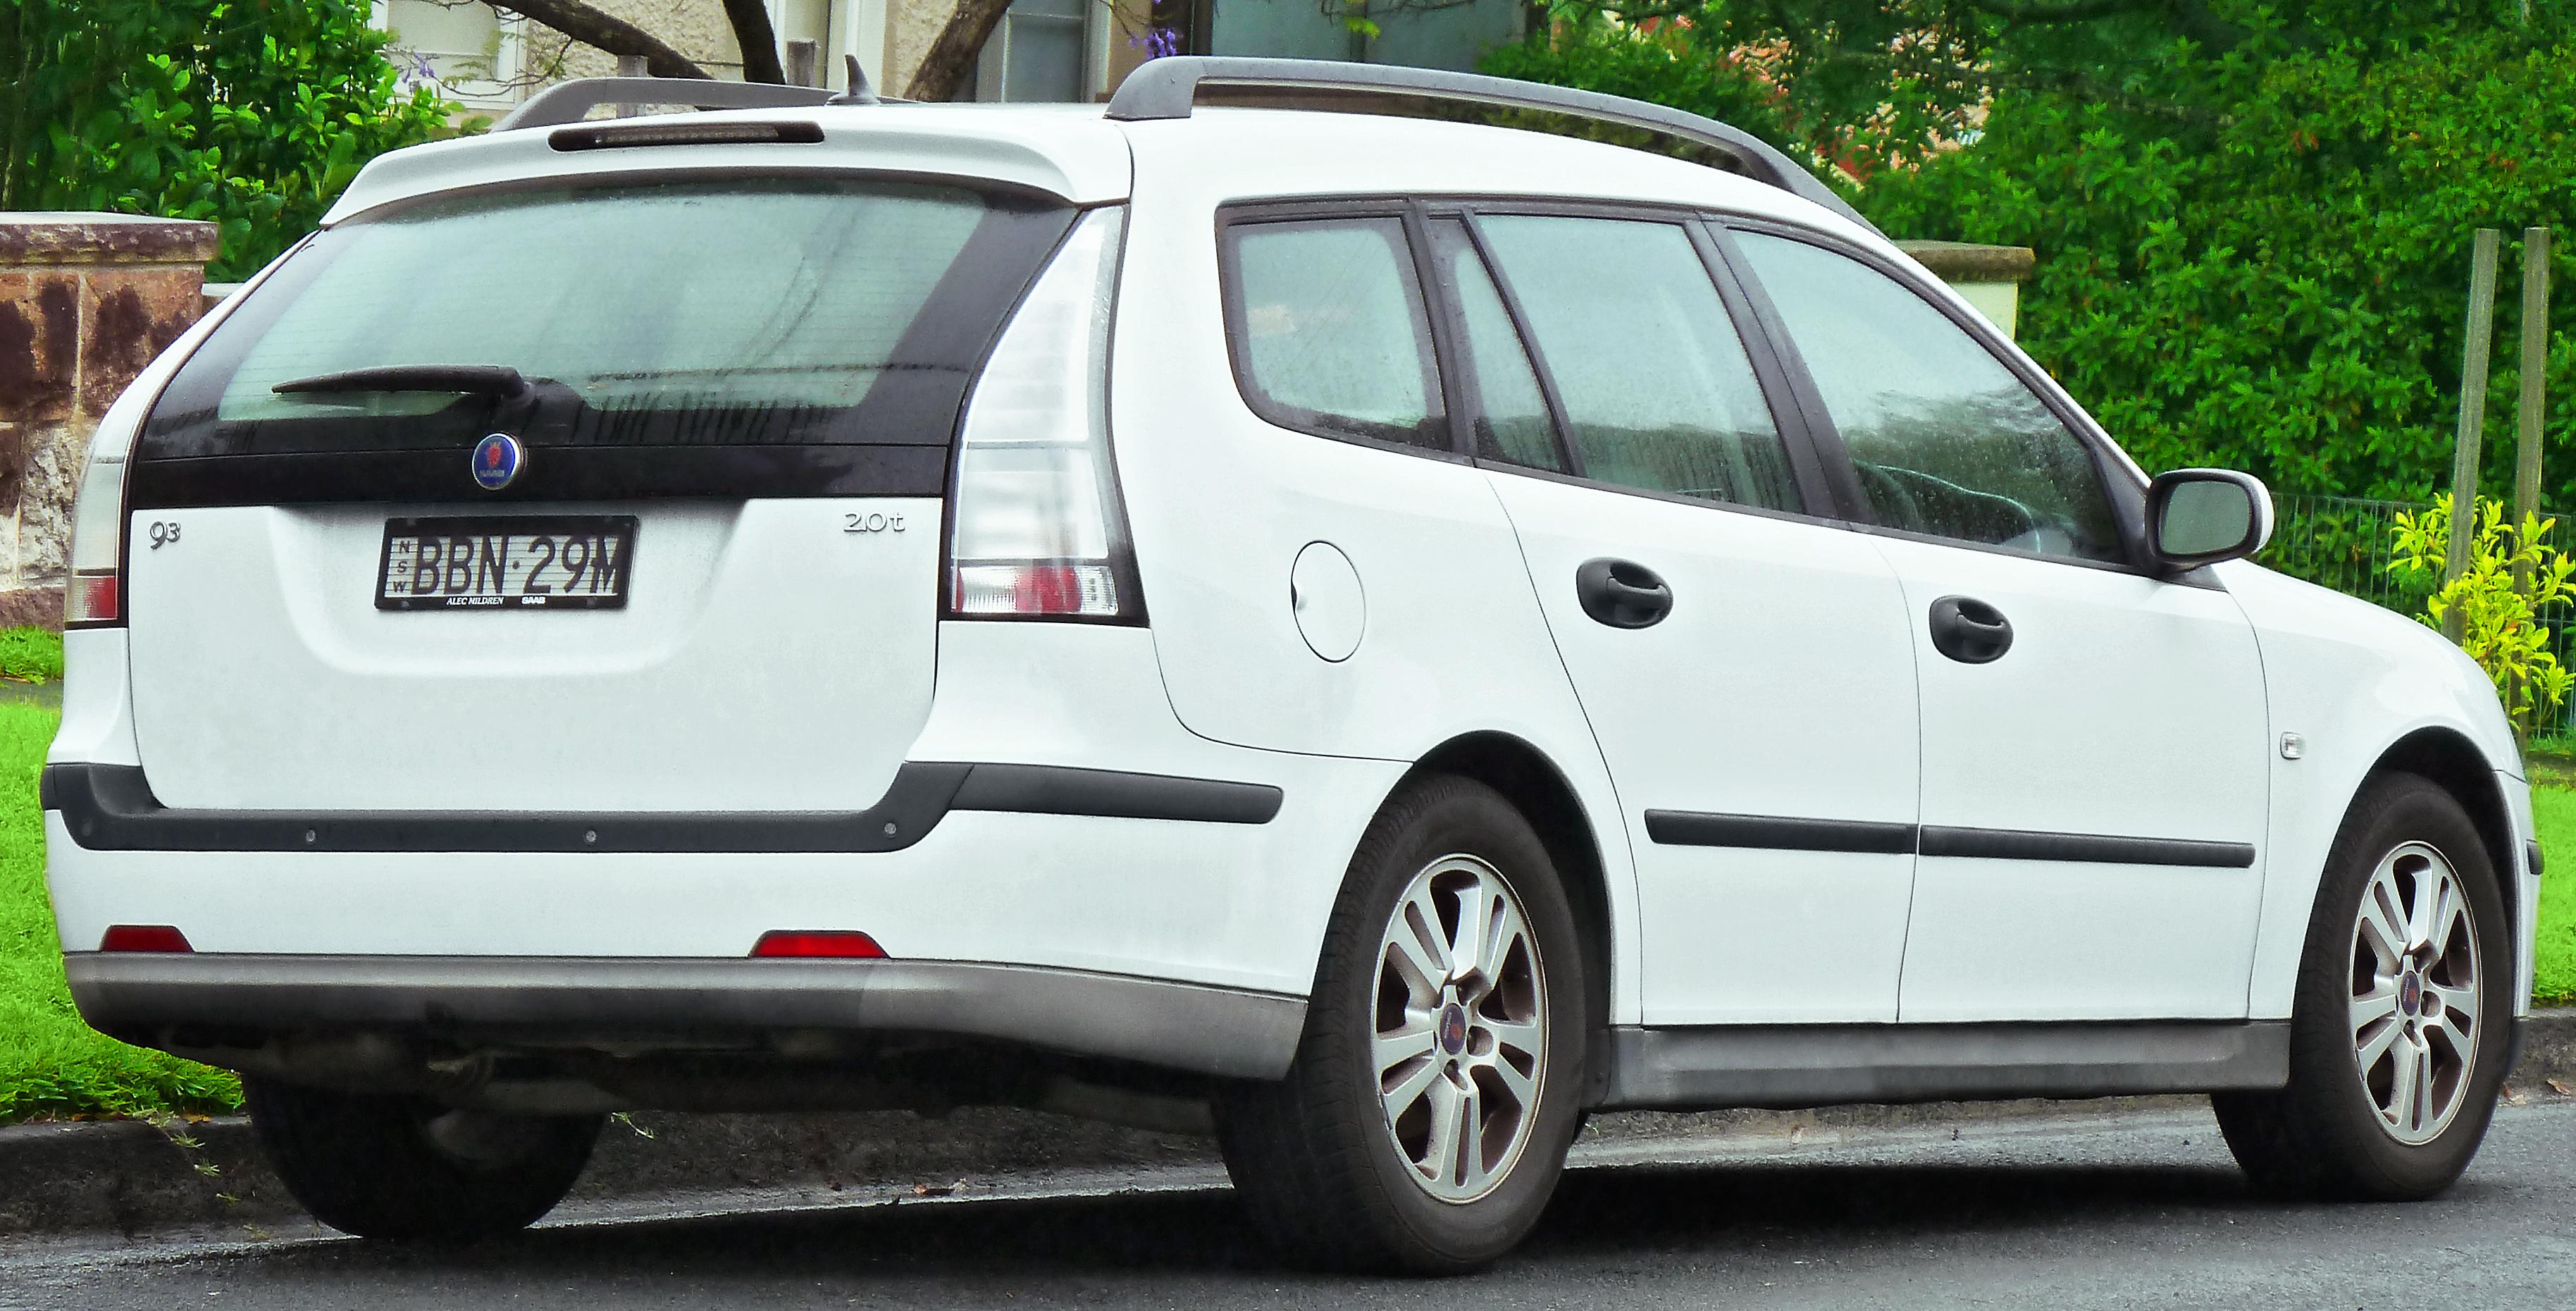 File2006 2007 Saab 9 3 Linear 20t SportCombi 2011